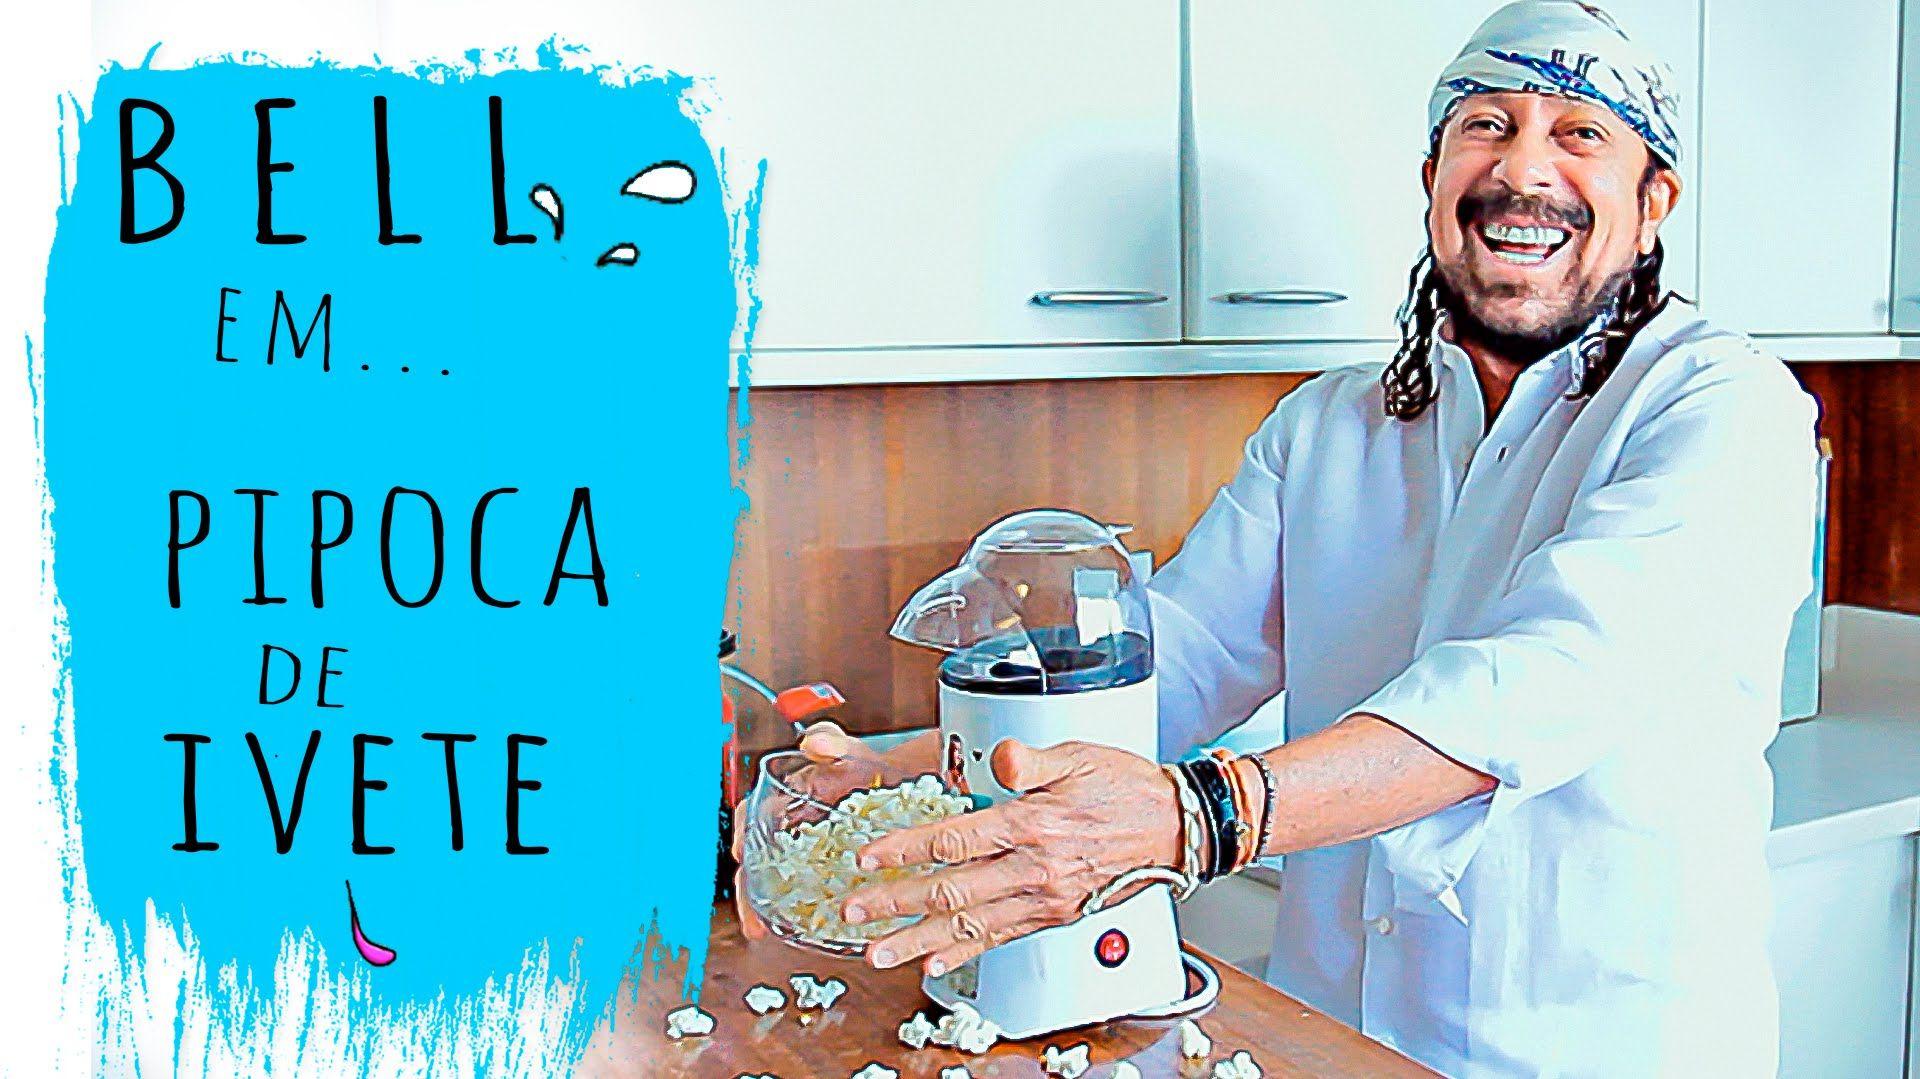 Bell Marques Em Pipoca De Ivete Com Imagens Pipoca